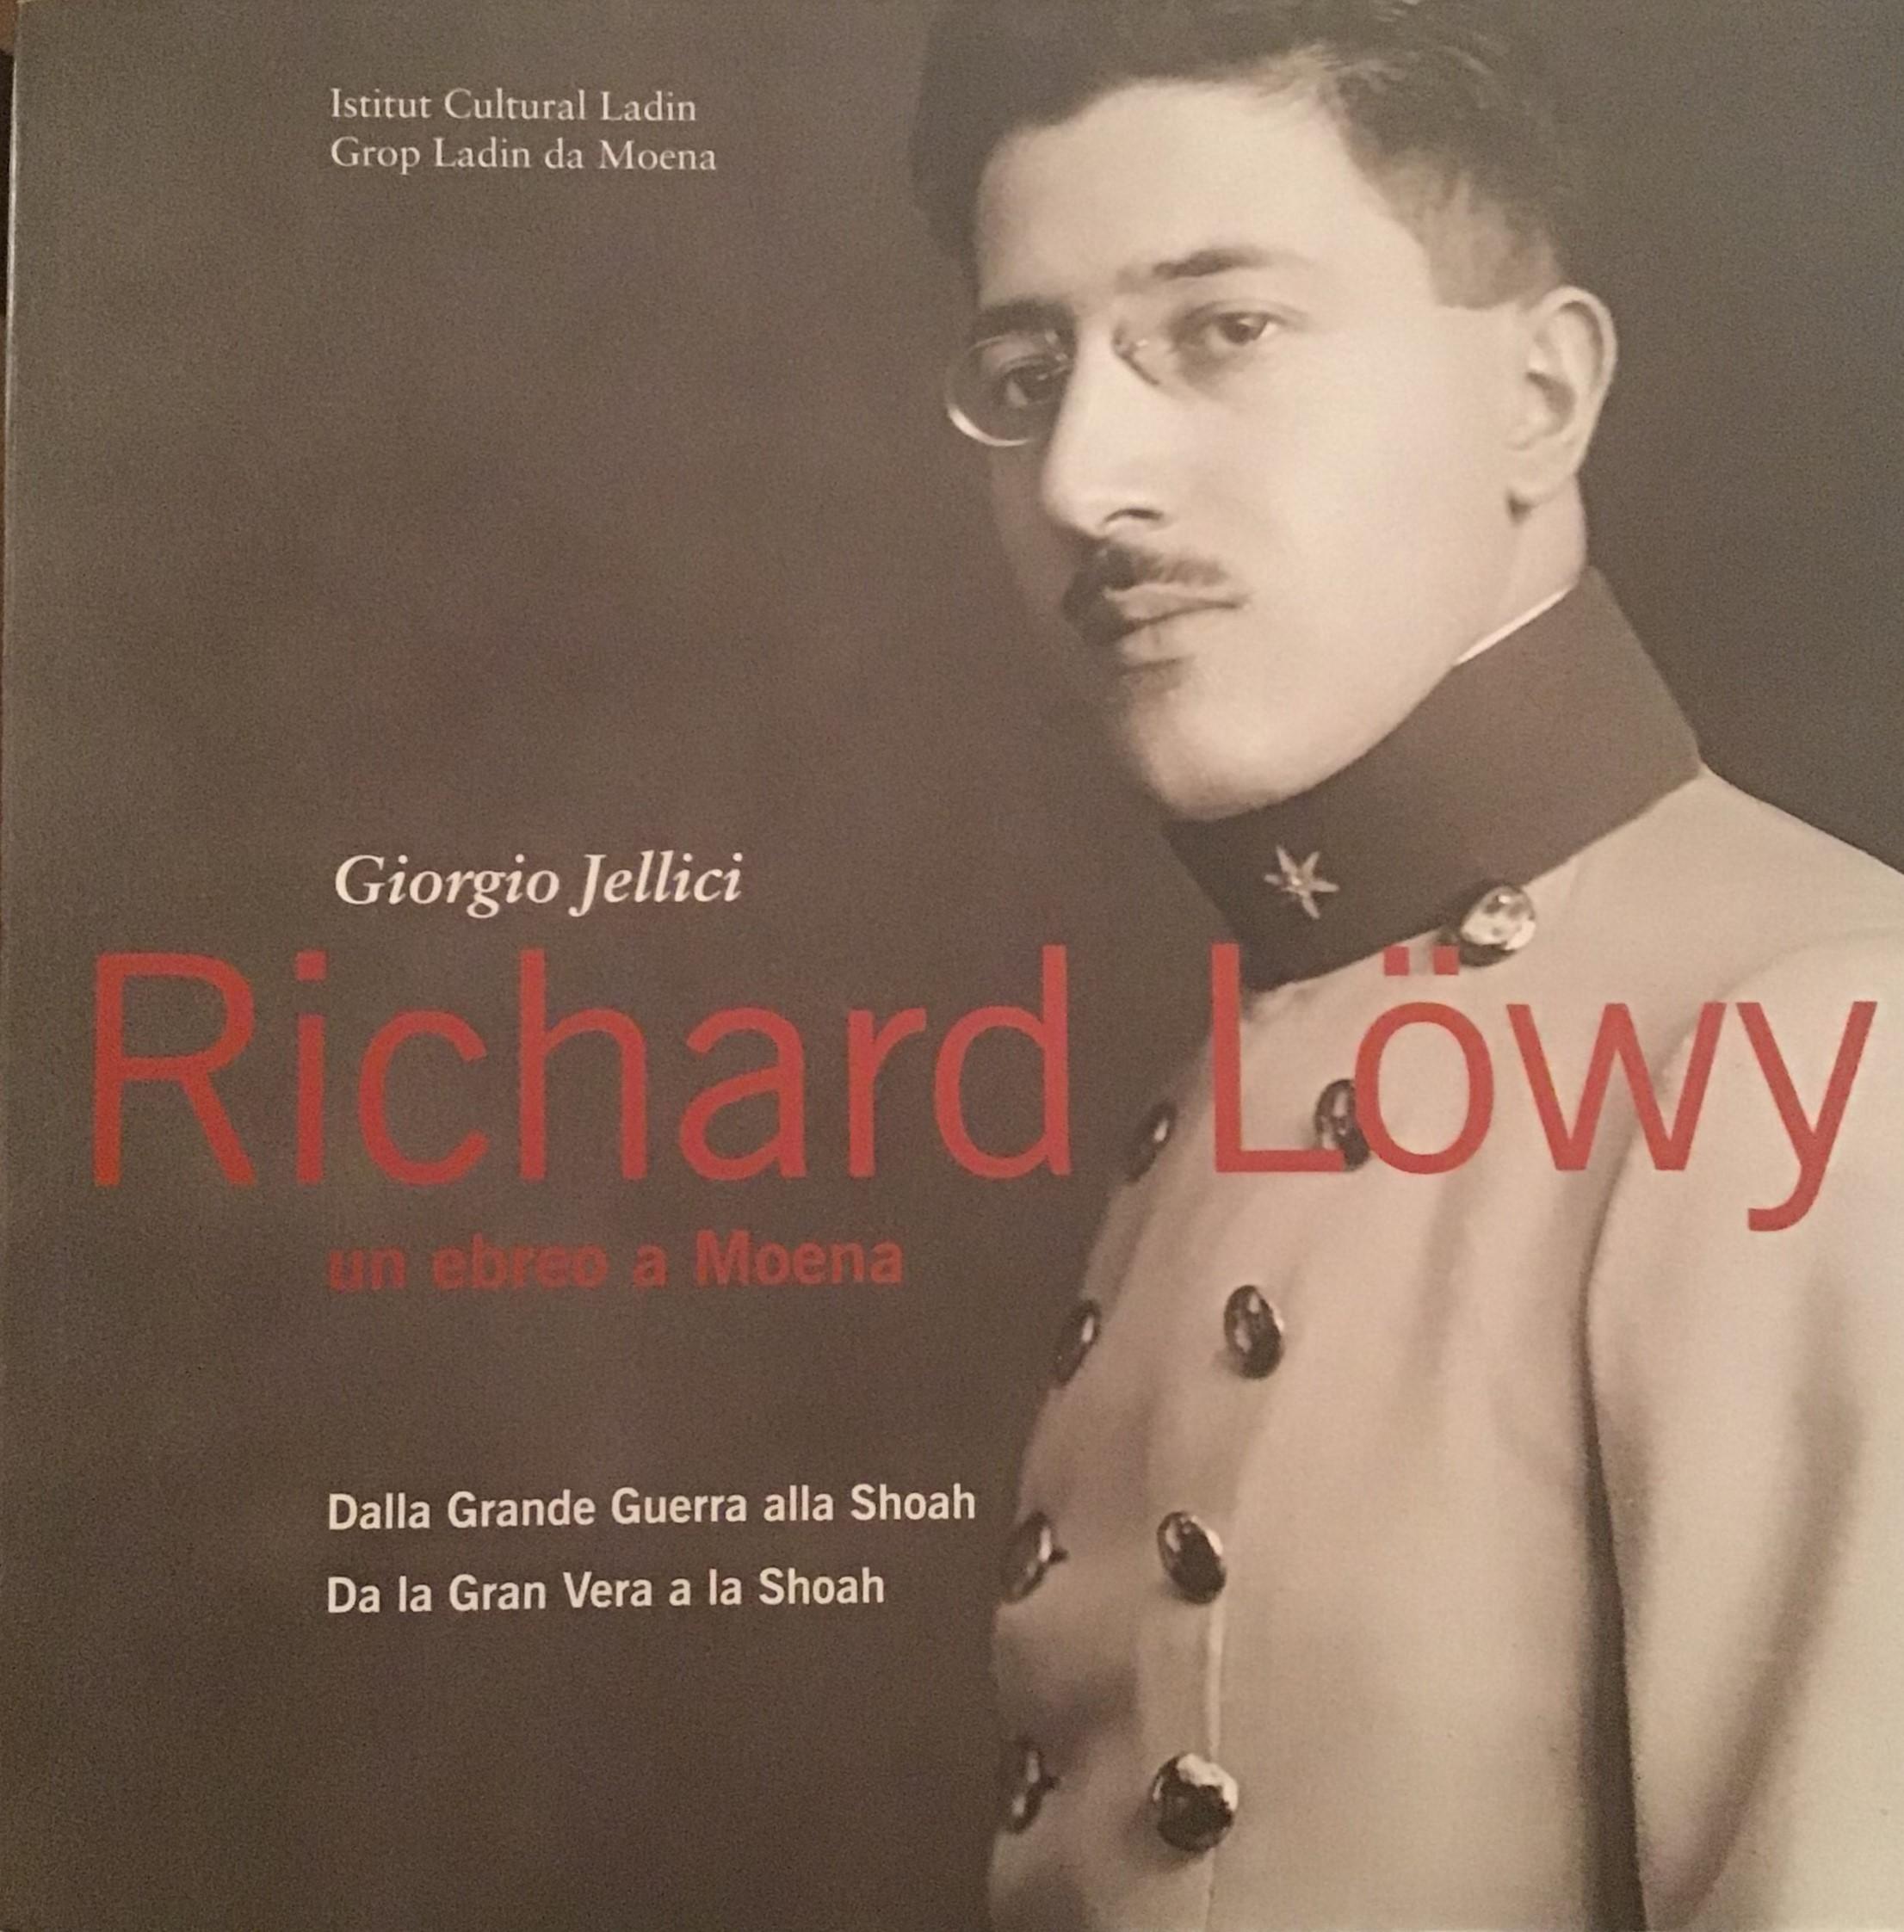 Giorgio Jellici, Richard Lowy